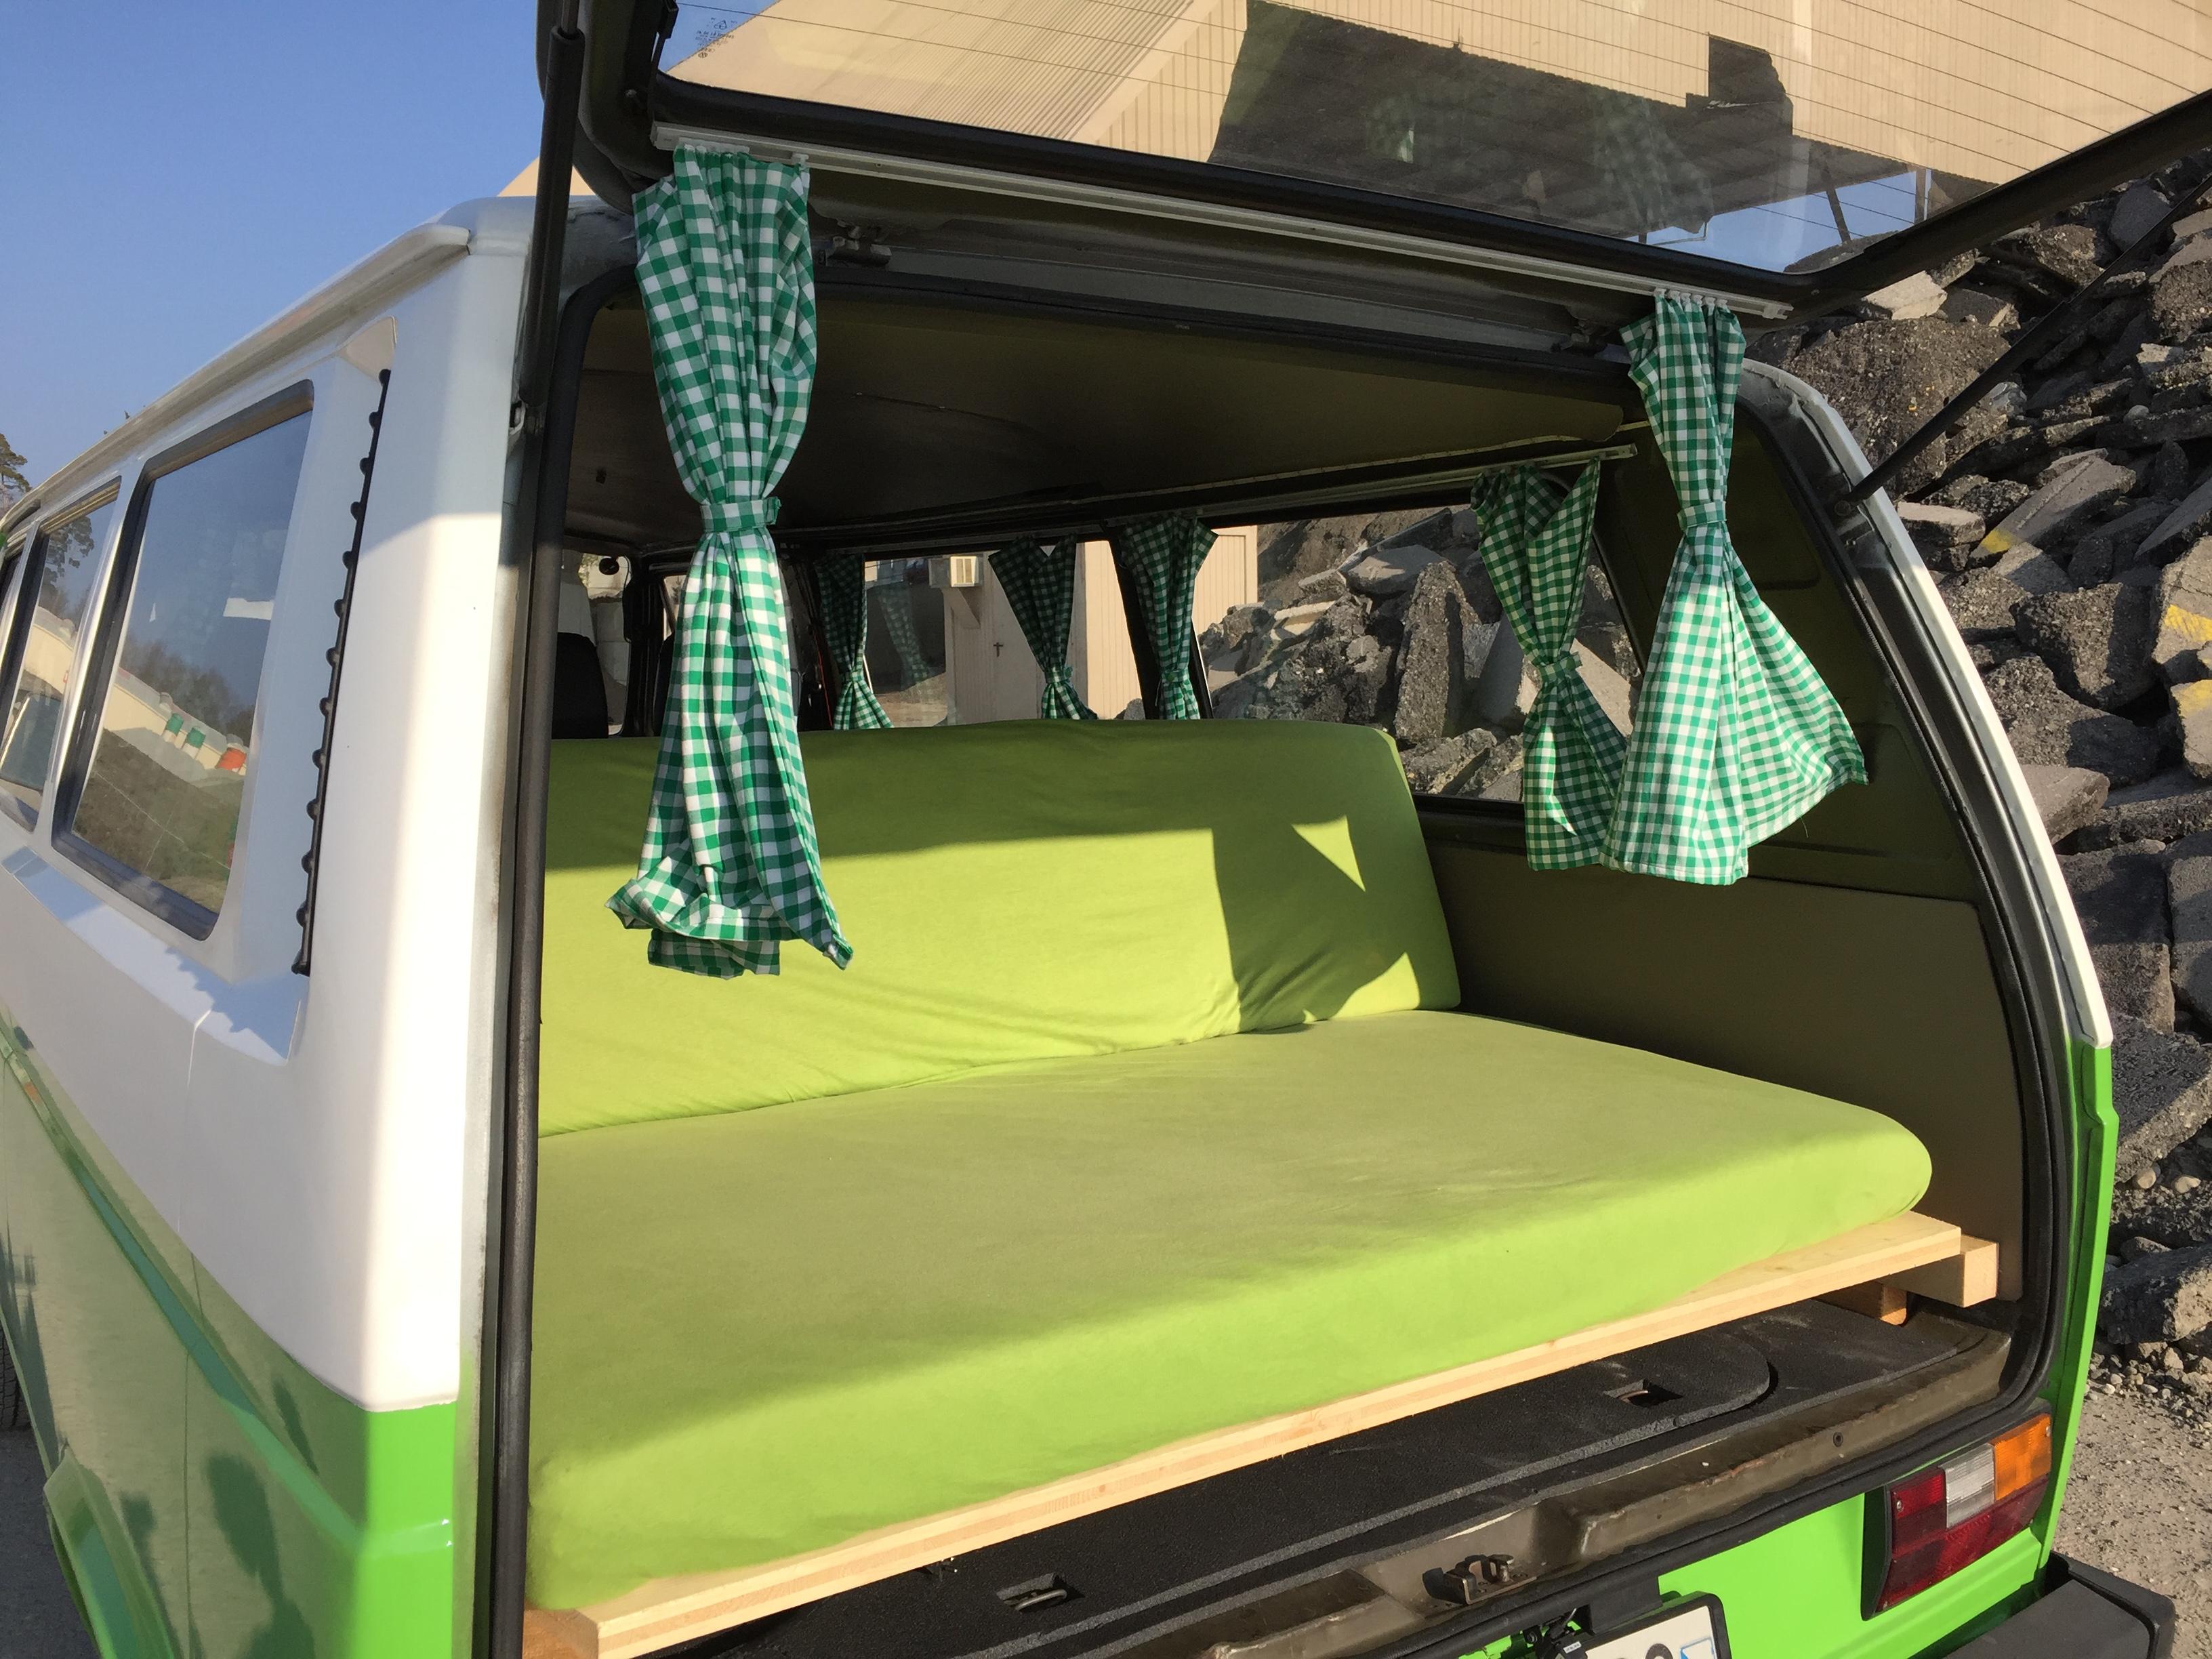 Der grüne Bus von hinten